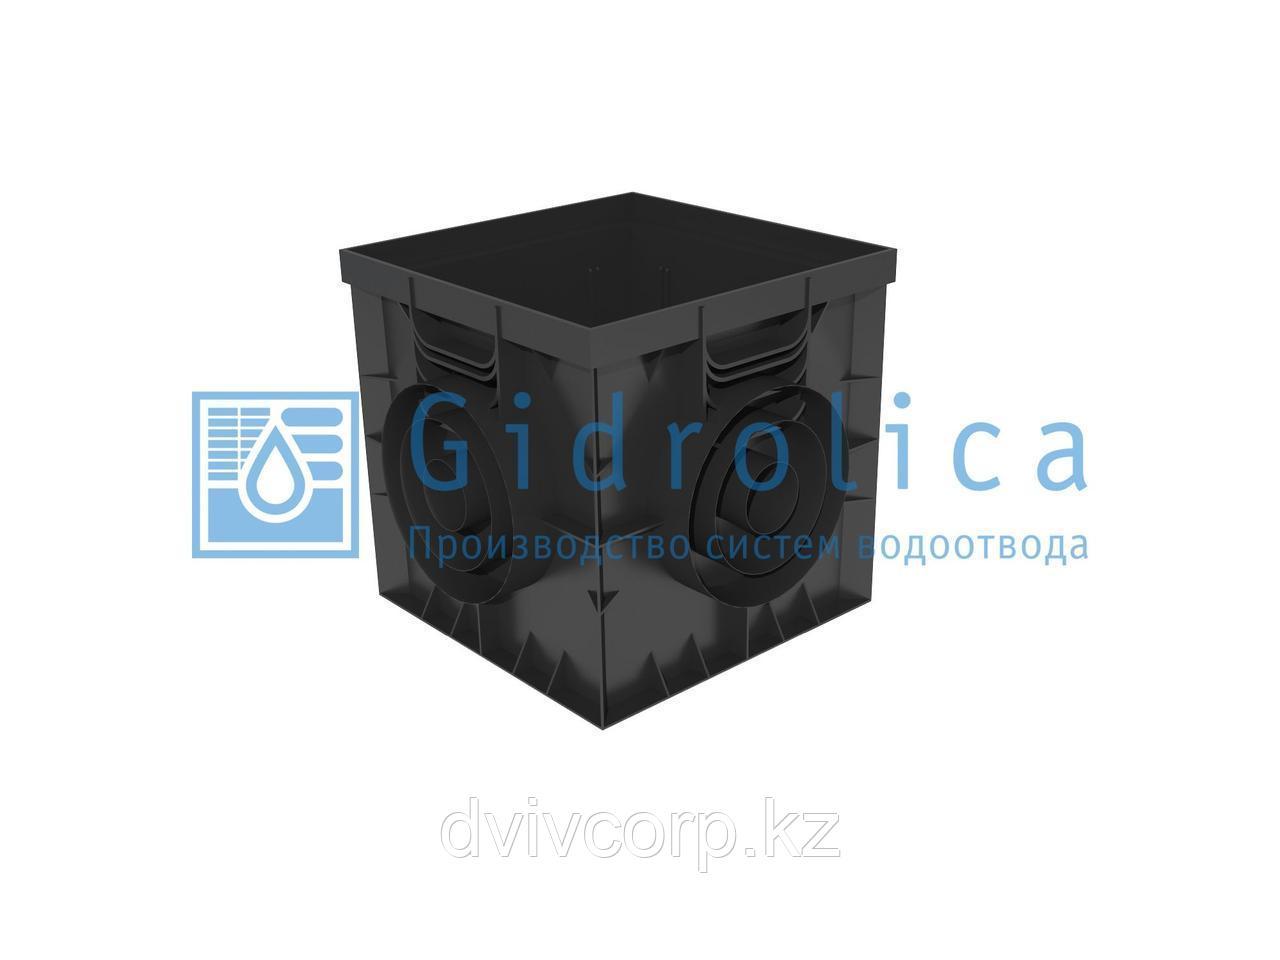 Арт. 229u Дождеприемник Gidrolica Point ДП-30.30 - пластиковый универсальный